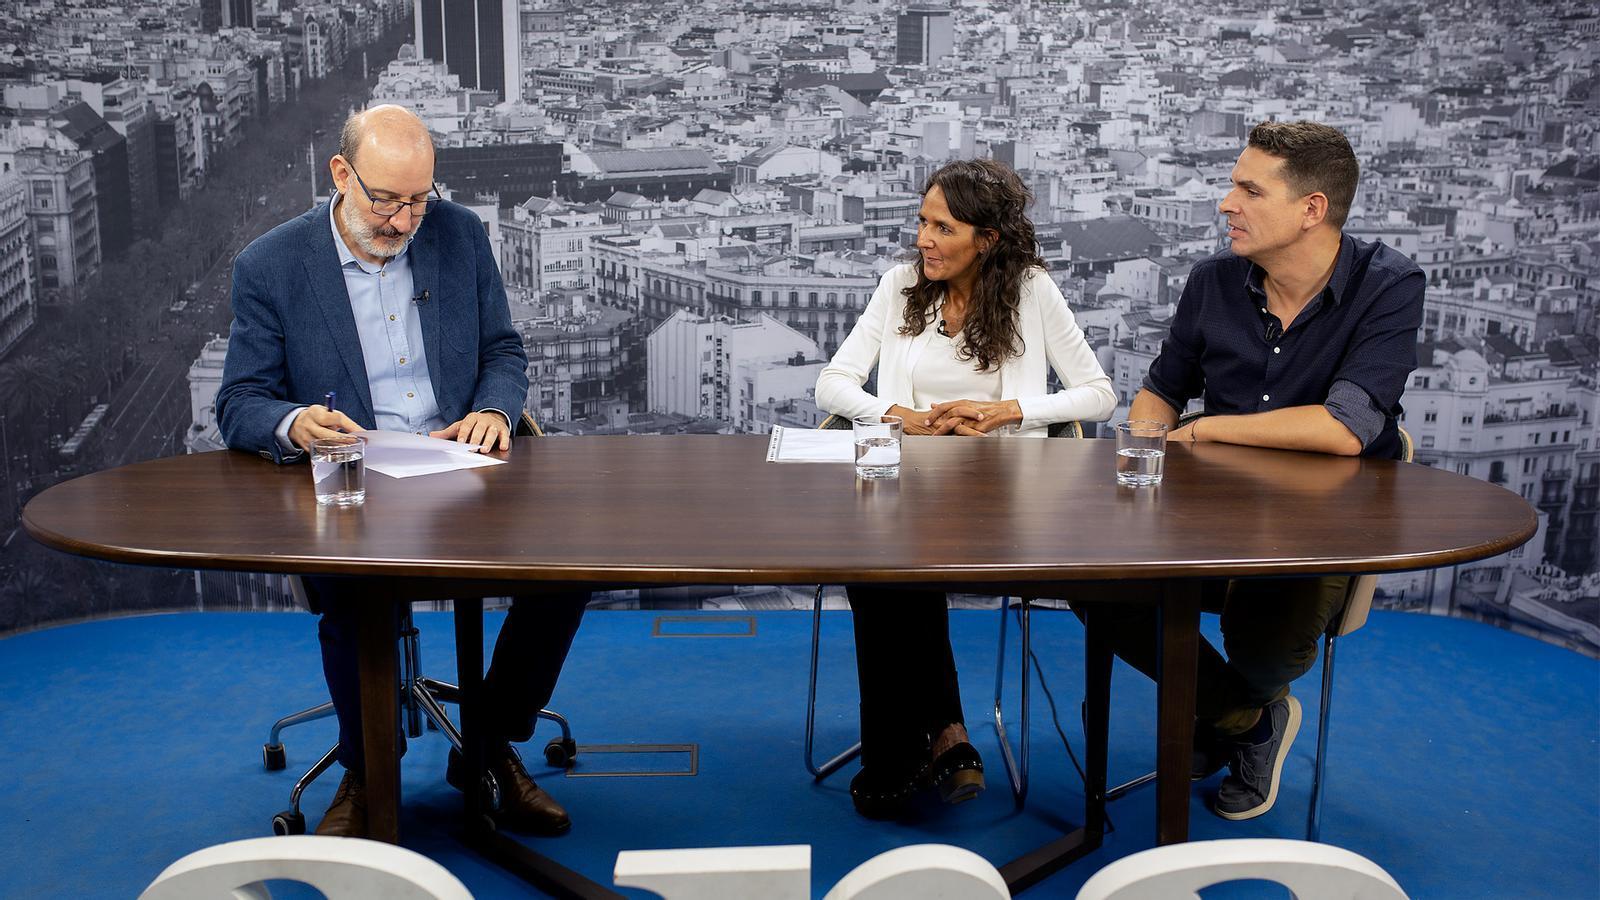 Entrevista d'Antoni Bassas a Gala Serrano i Daniel Toro